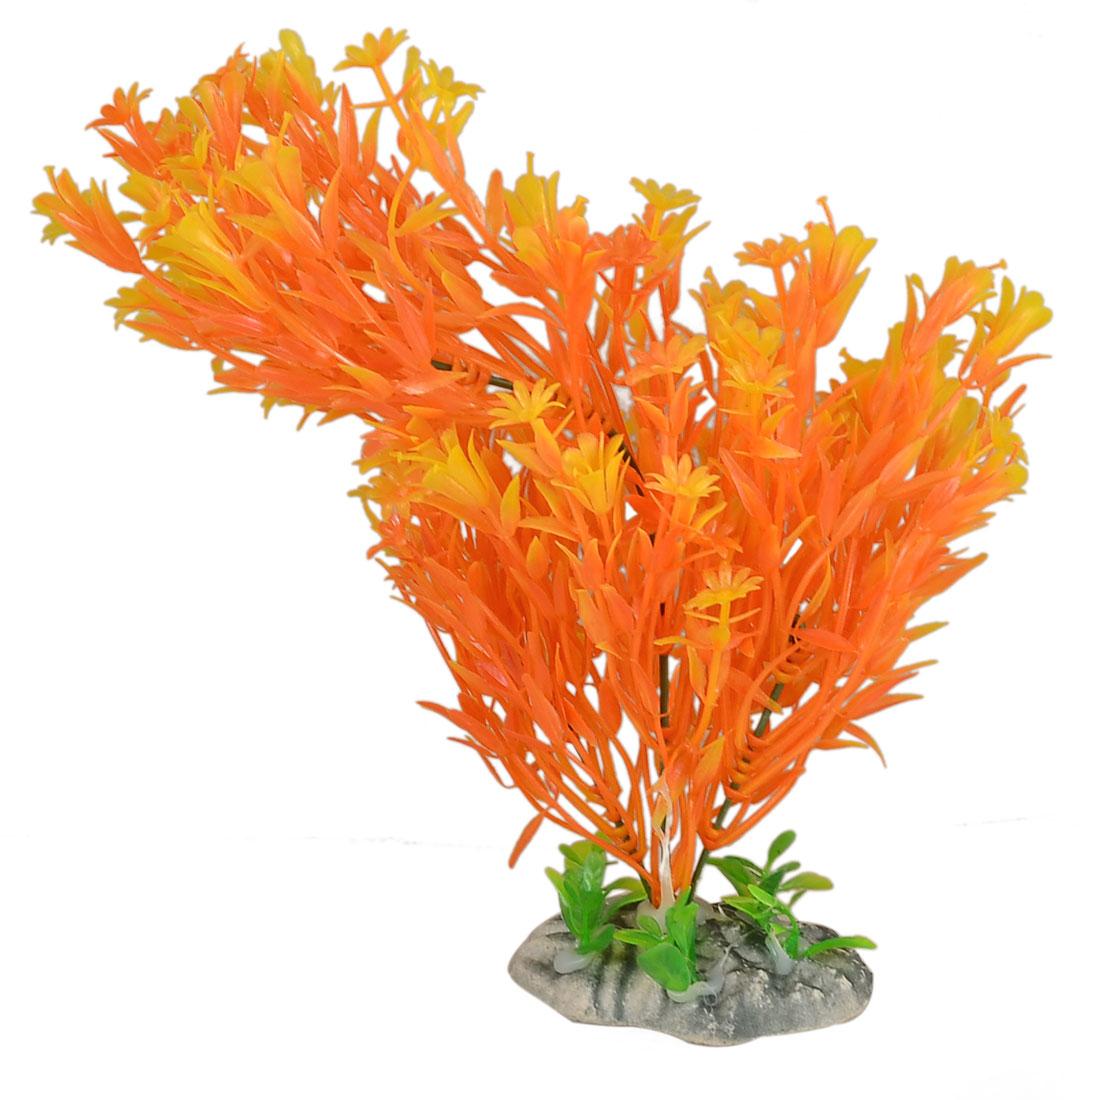 Aquarium Ceramic Base Yellow Orange Plastic Manmade Grass Plant Decor